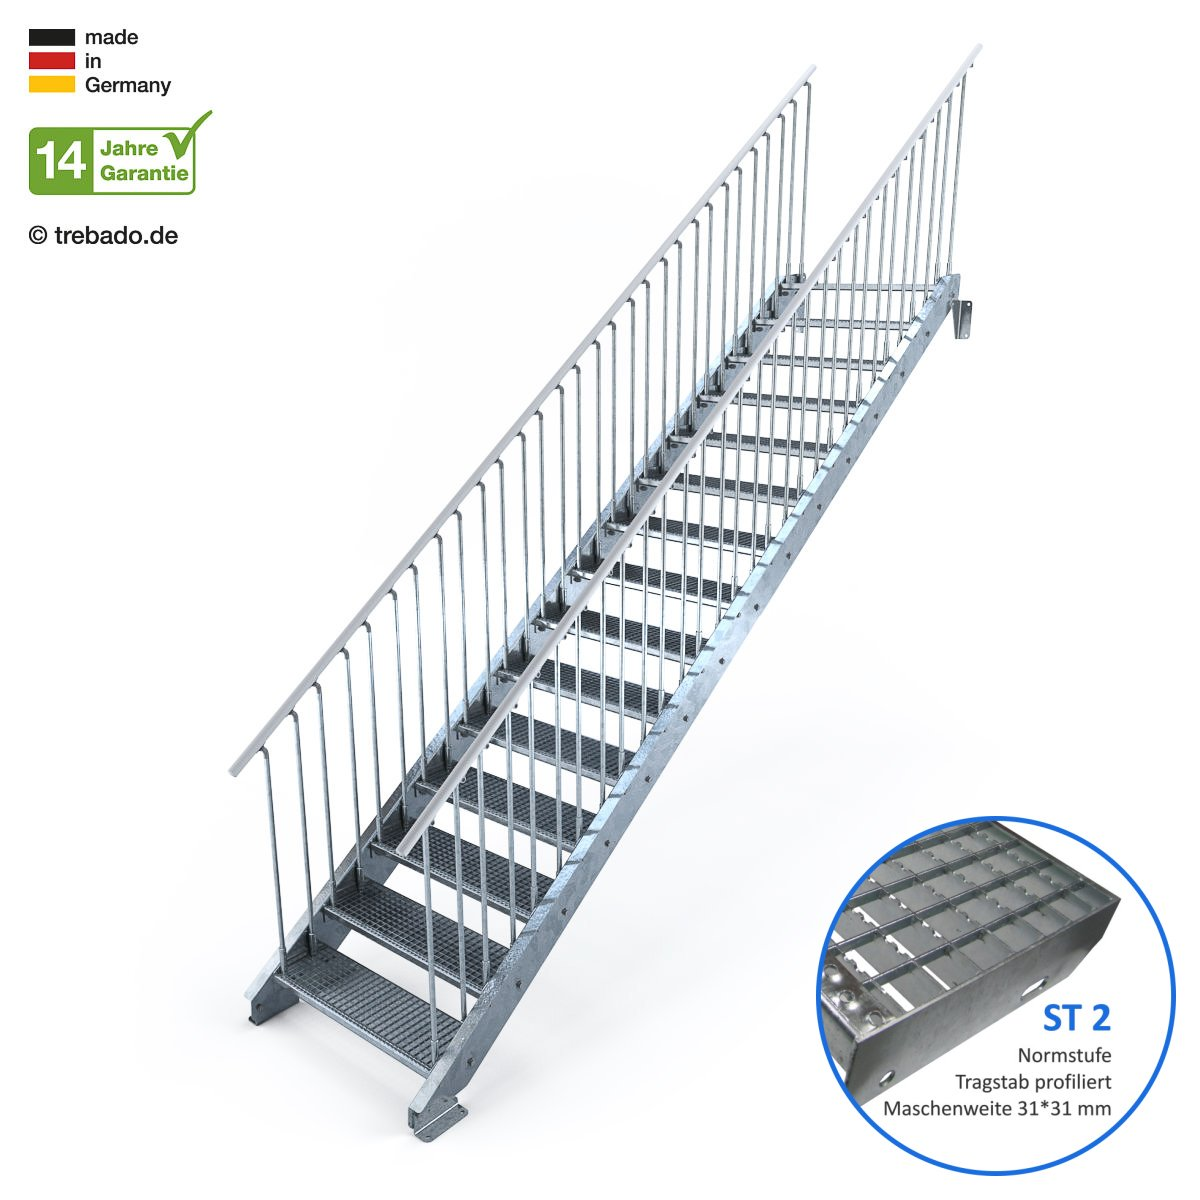 feuerverzinkte Stahltreppe mit 900 mm Stufenl/änge als montagefertiger Bausatz Au/ßentreppe 15 Stufen 90 cm Laufbreite beidseitiges Gel/änder Gitterroststufe ST2 Anstellh/öhe variabel von 250 cm bis 300 cm